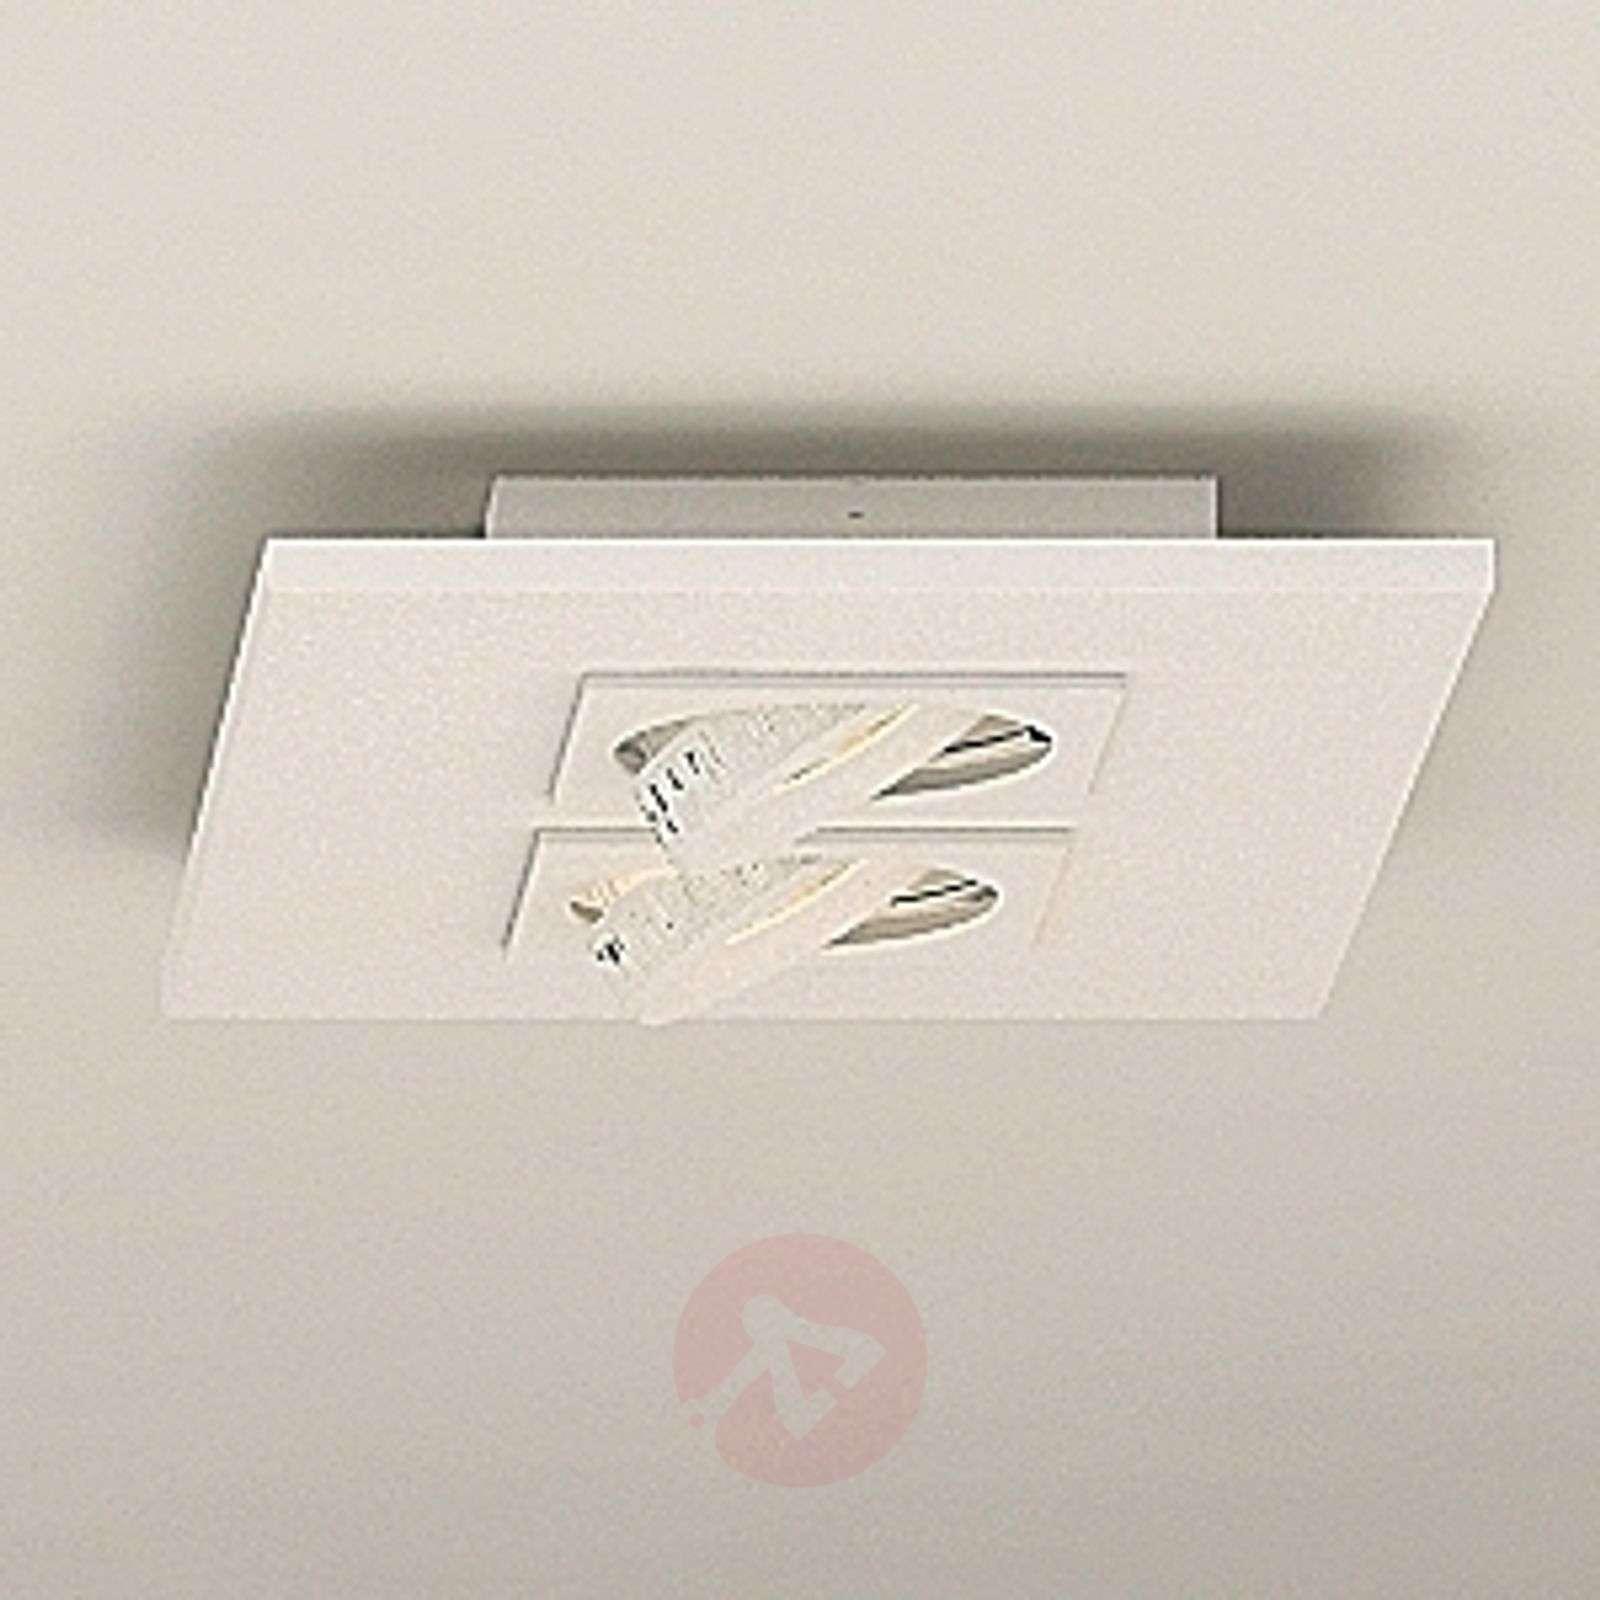 LED-kattovalaisin Marc, 2 lamppua, kallistettava-6708043-01